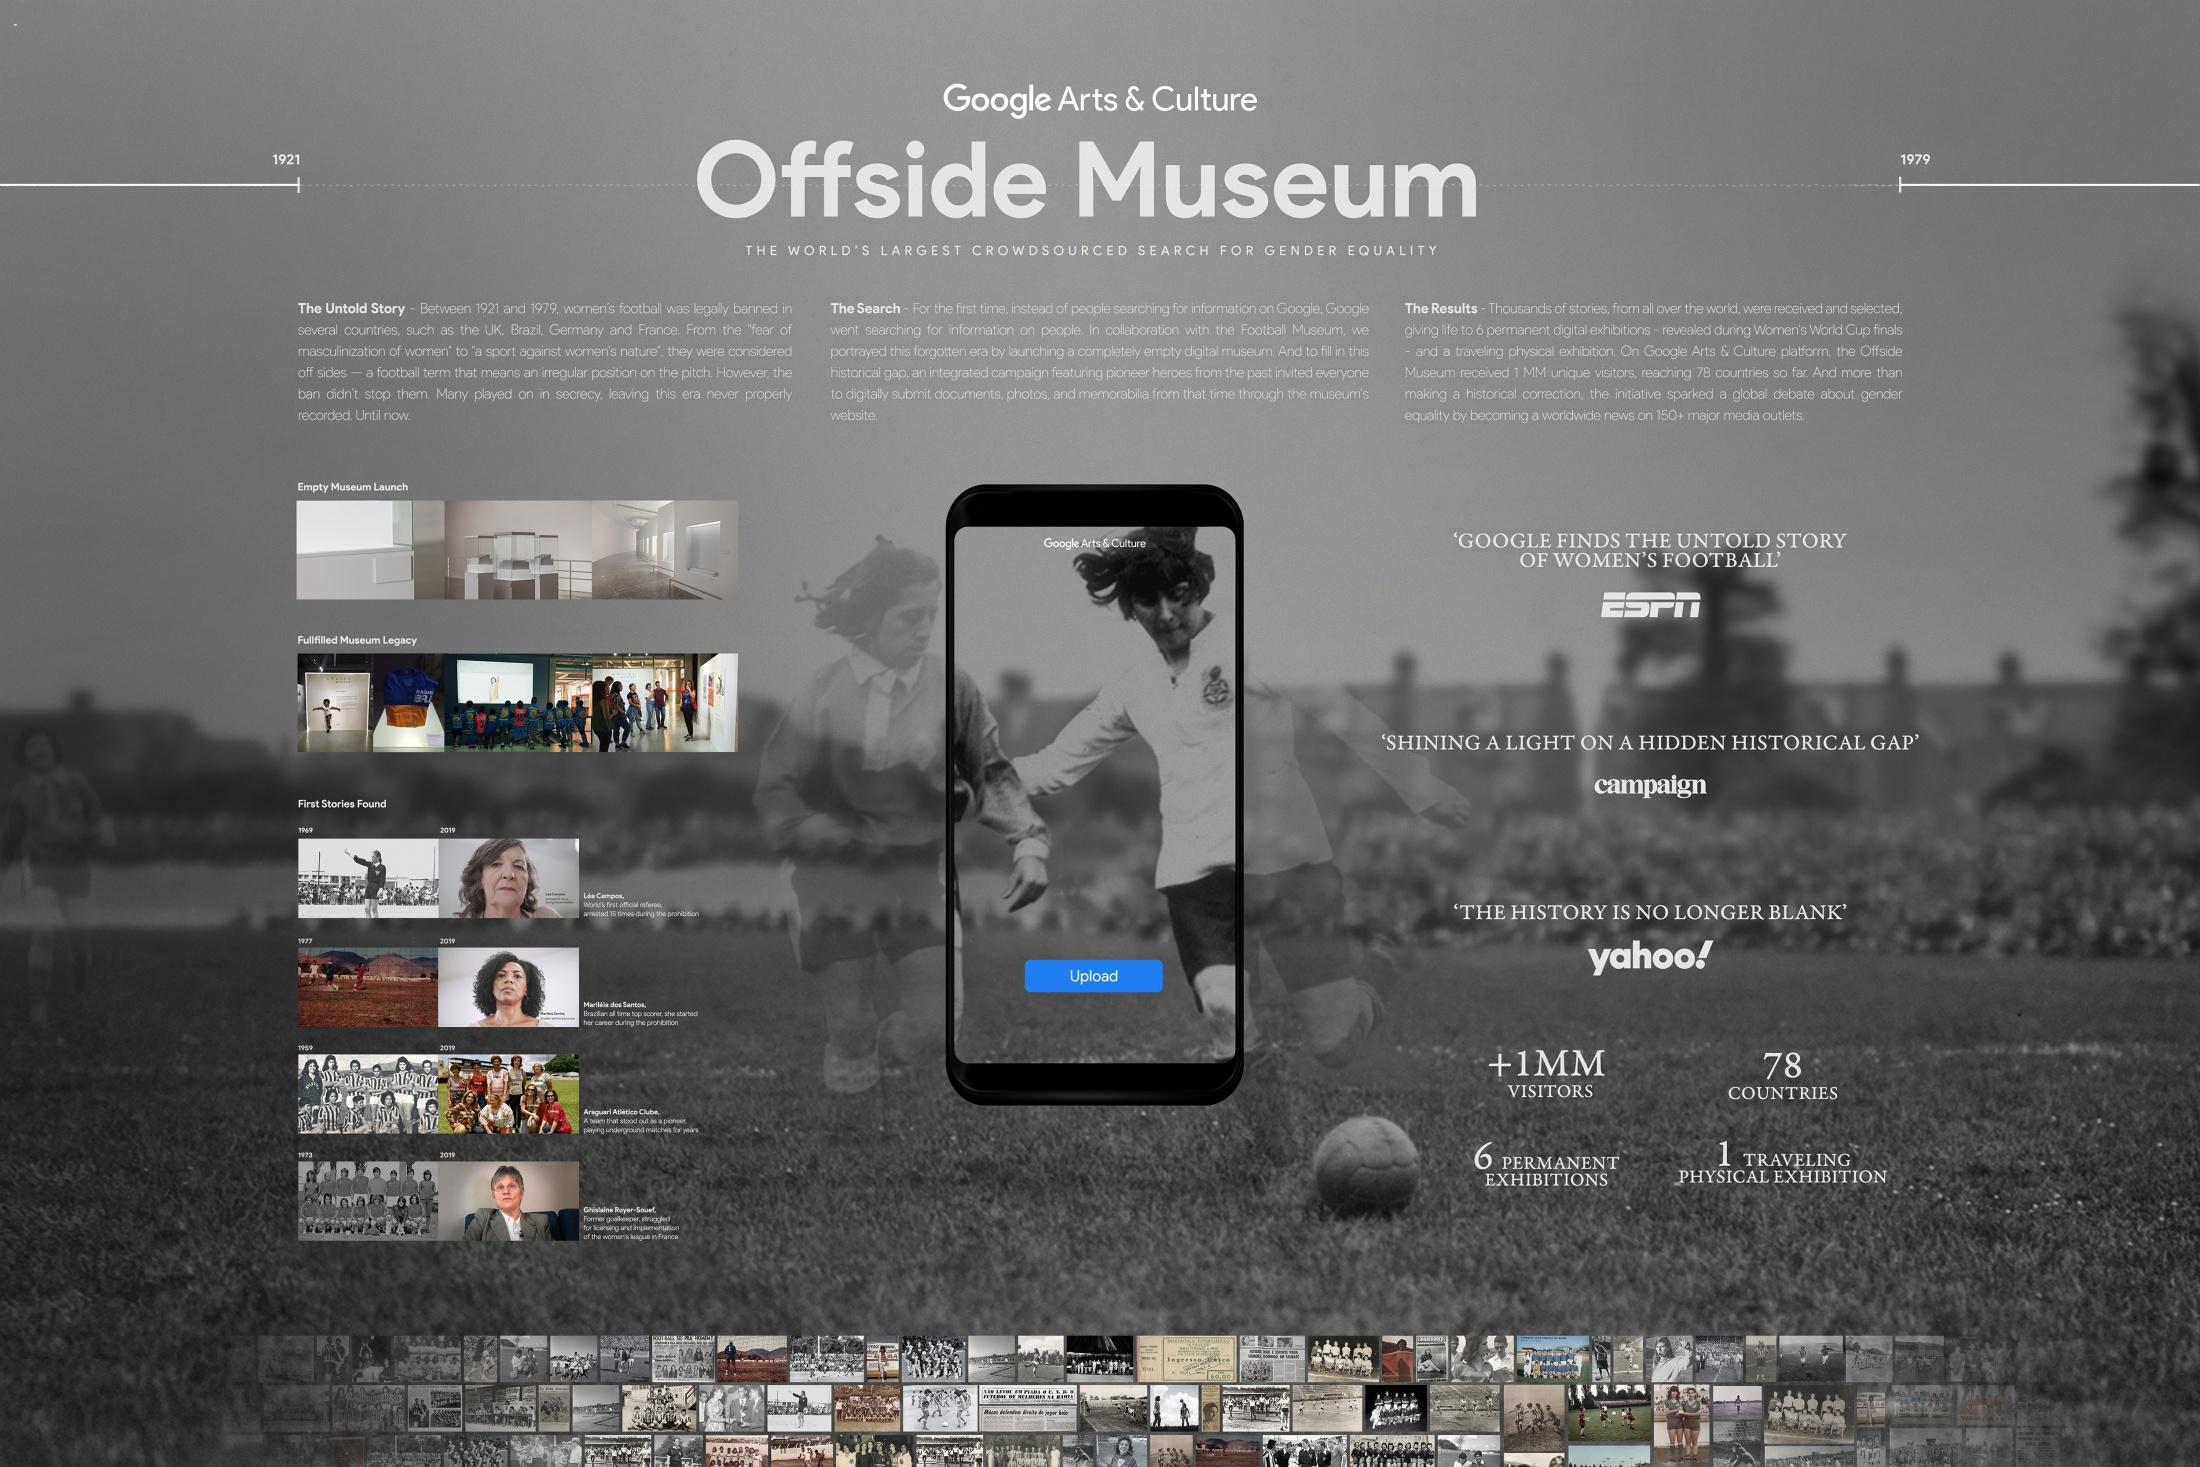 Thumbnail for Google Offside Museum